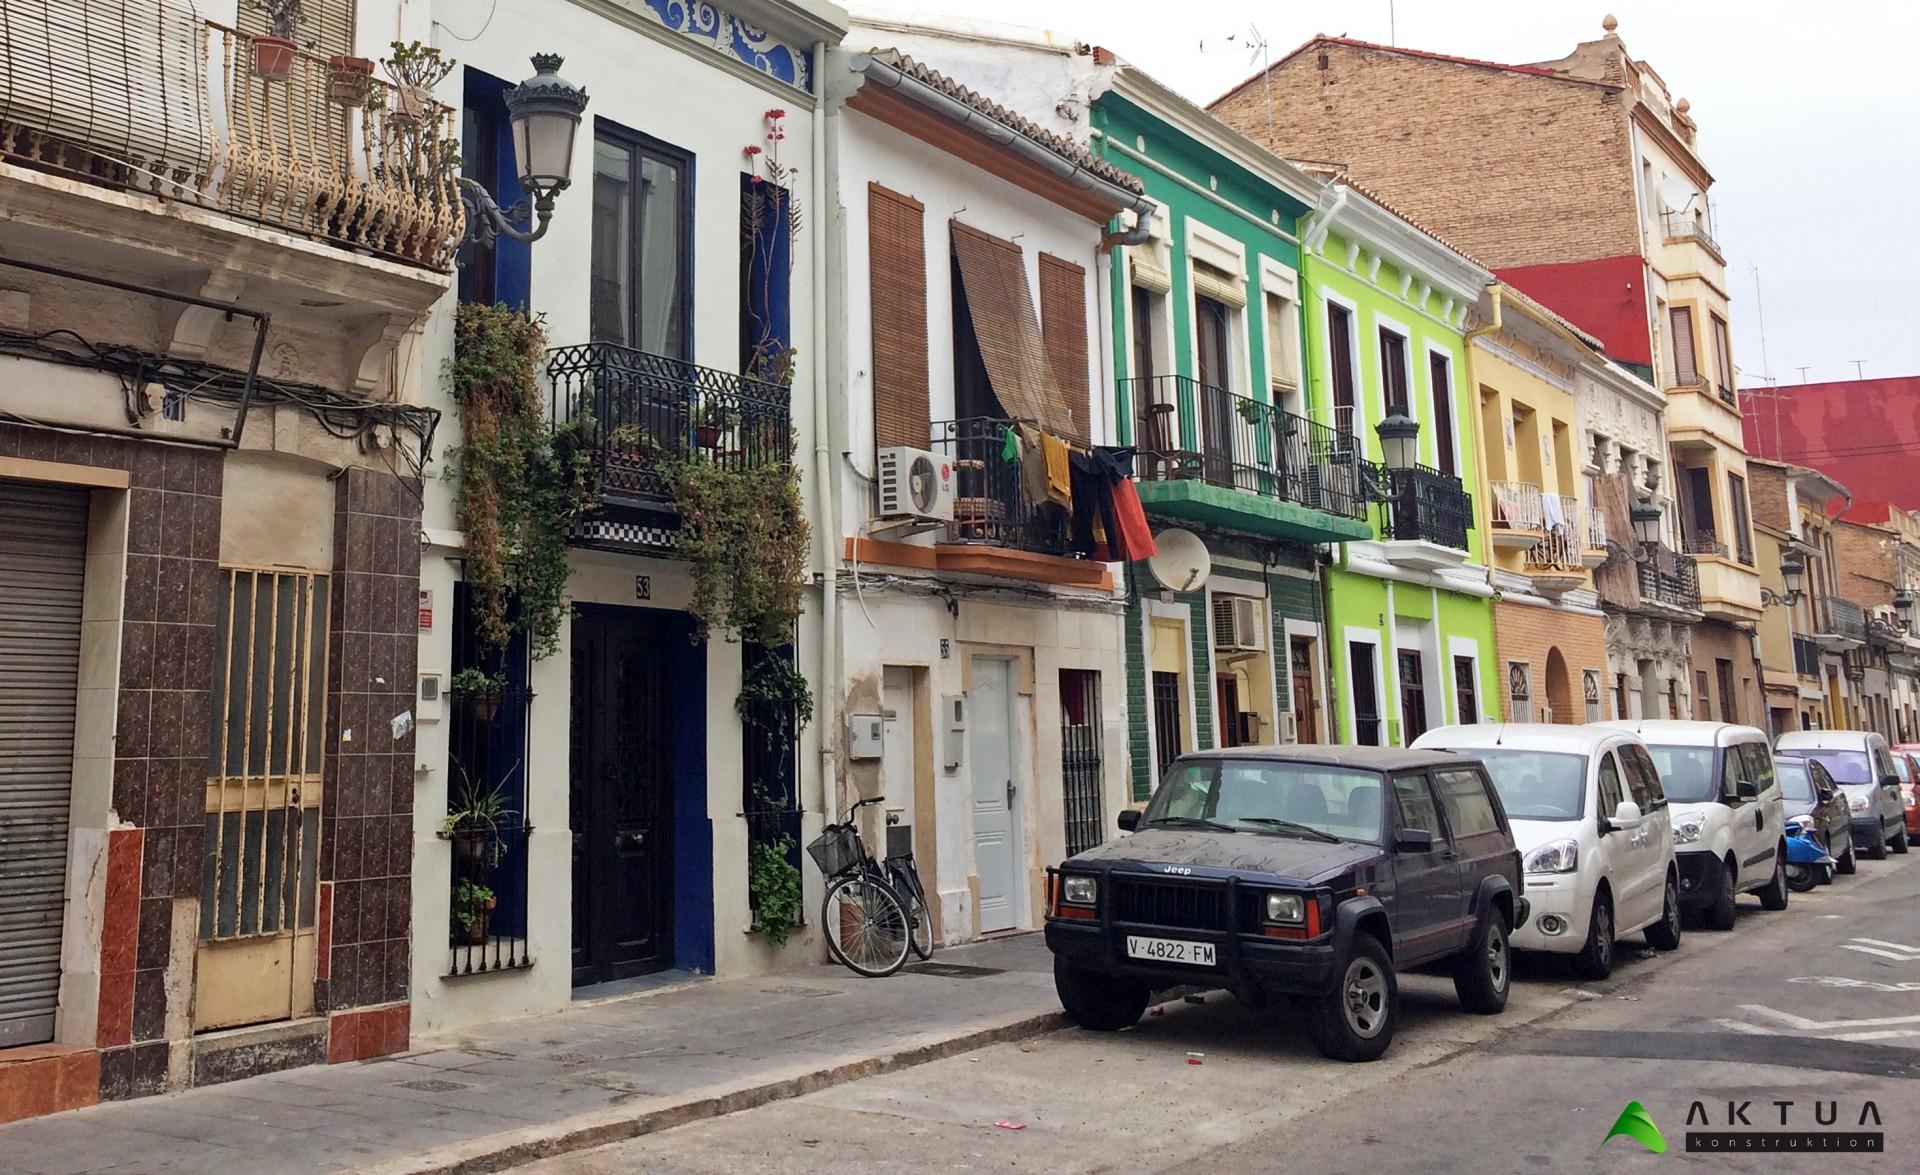 Rehabilitación viviendas Cabanyal: normas urbanísticas transitorias